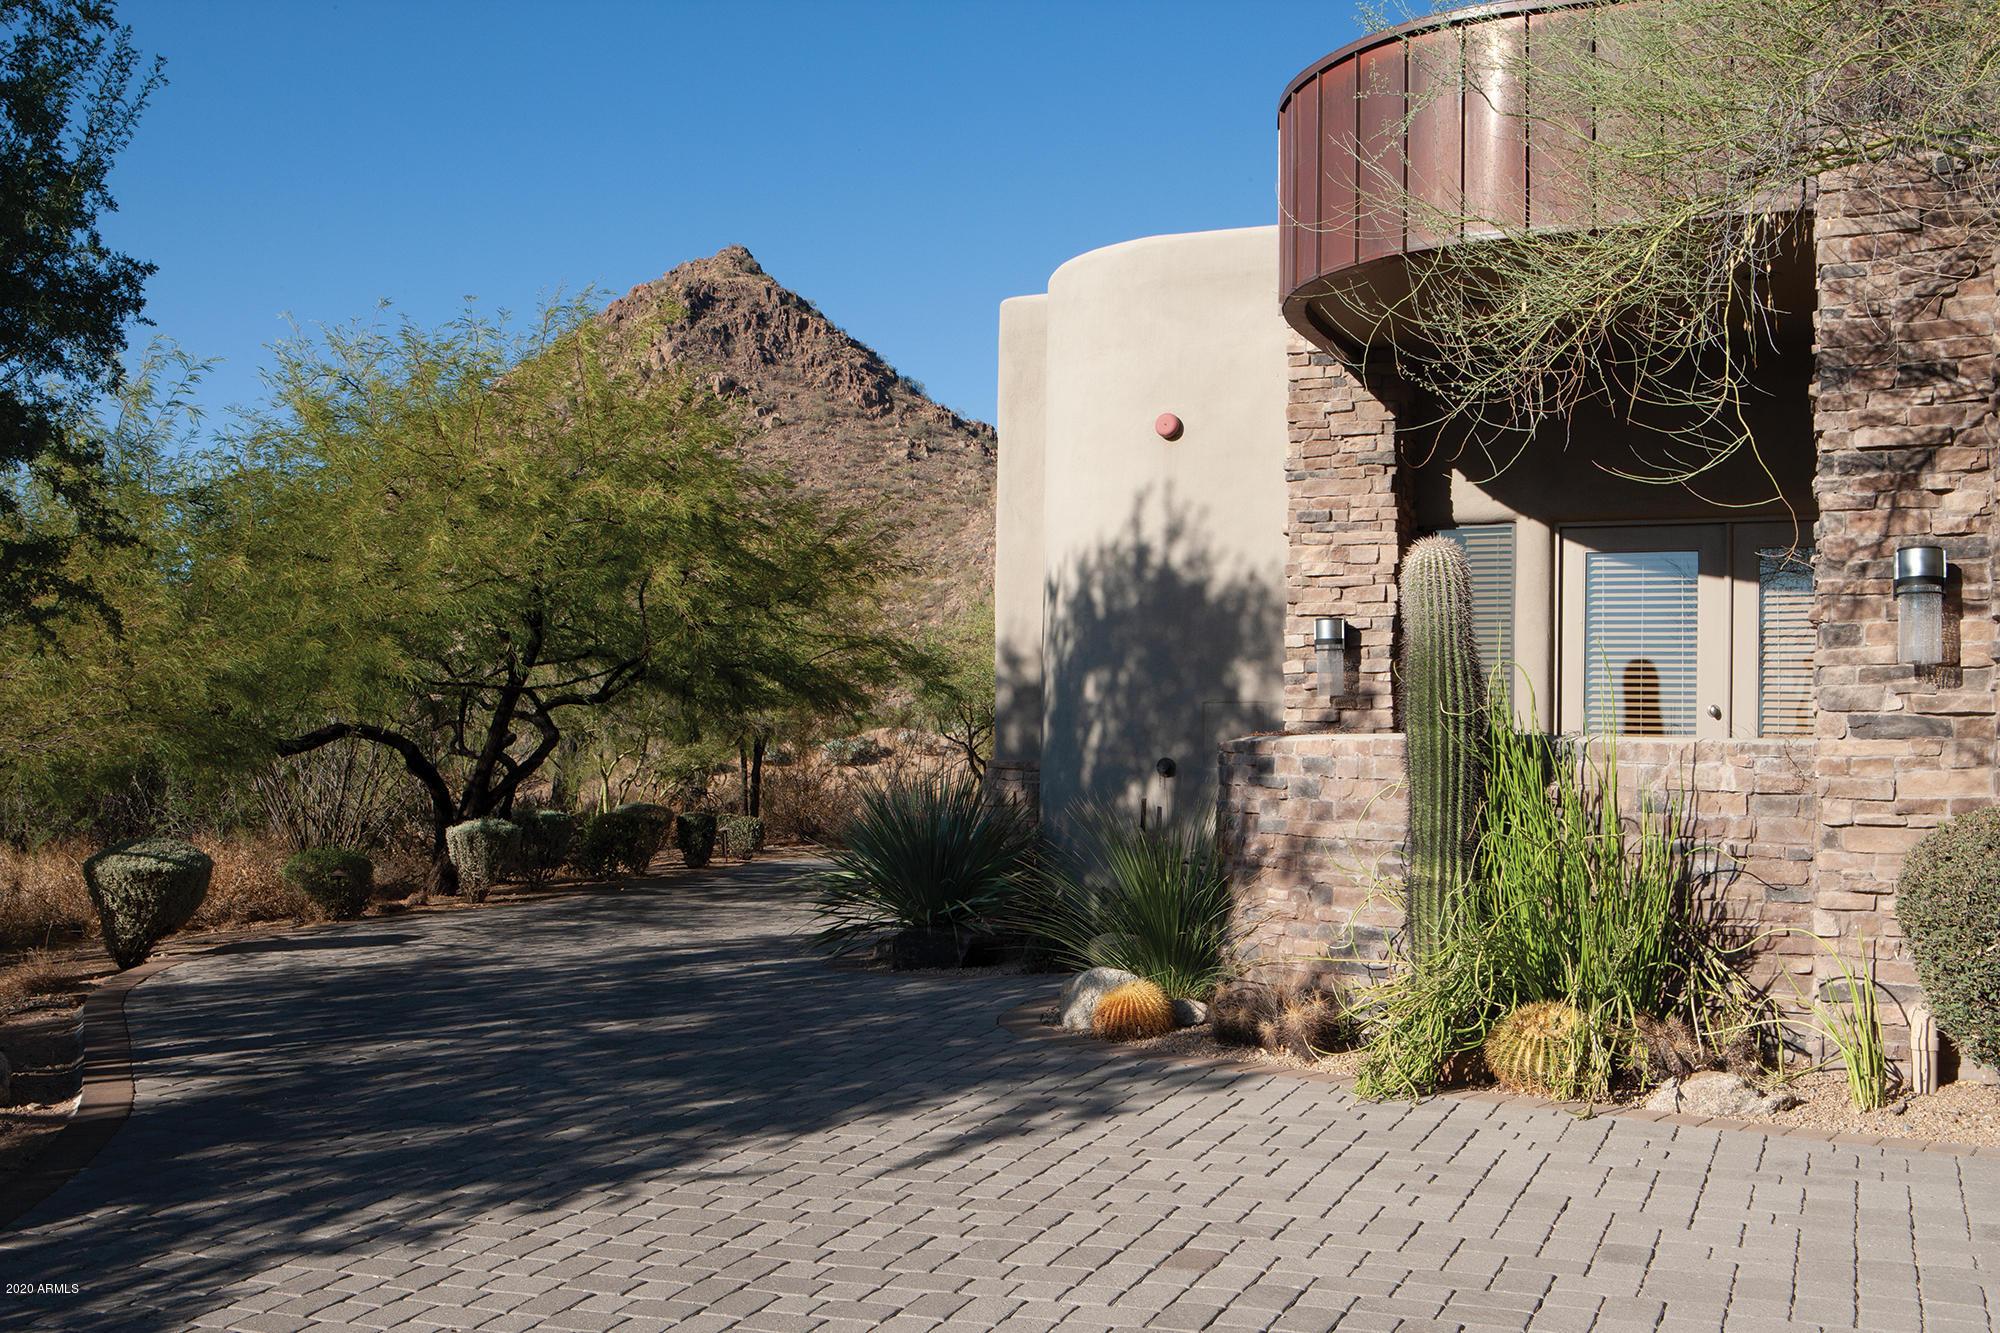 MLS 6155907 10040 E HAPPY VALLEY Road Unit 19, Scottsdale, AZ 85255 Scottsdale AZ Desert Highlands